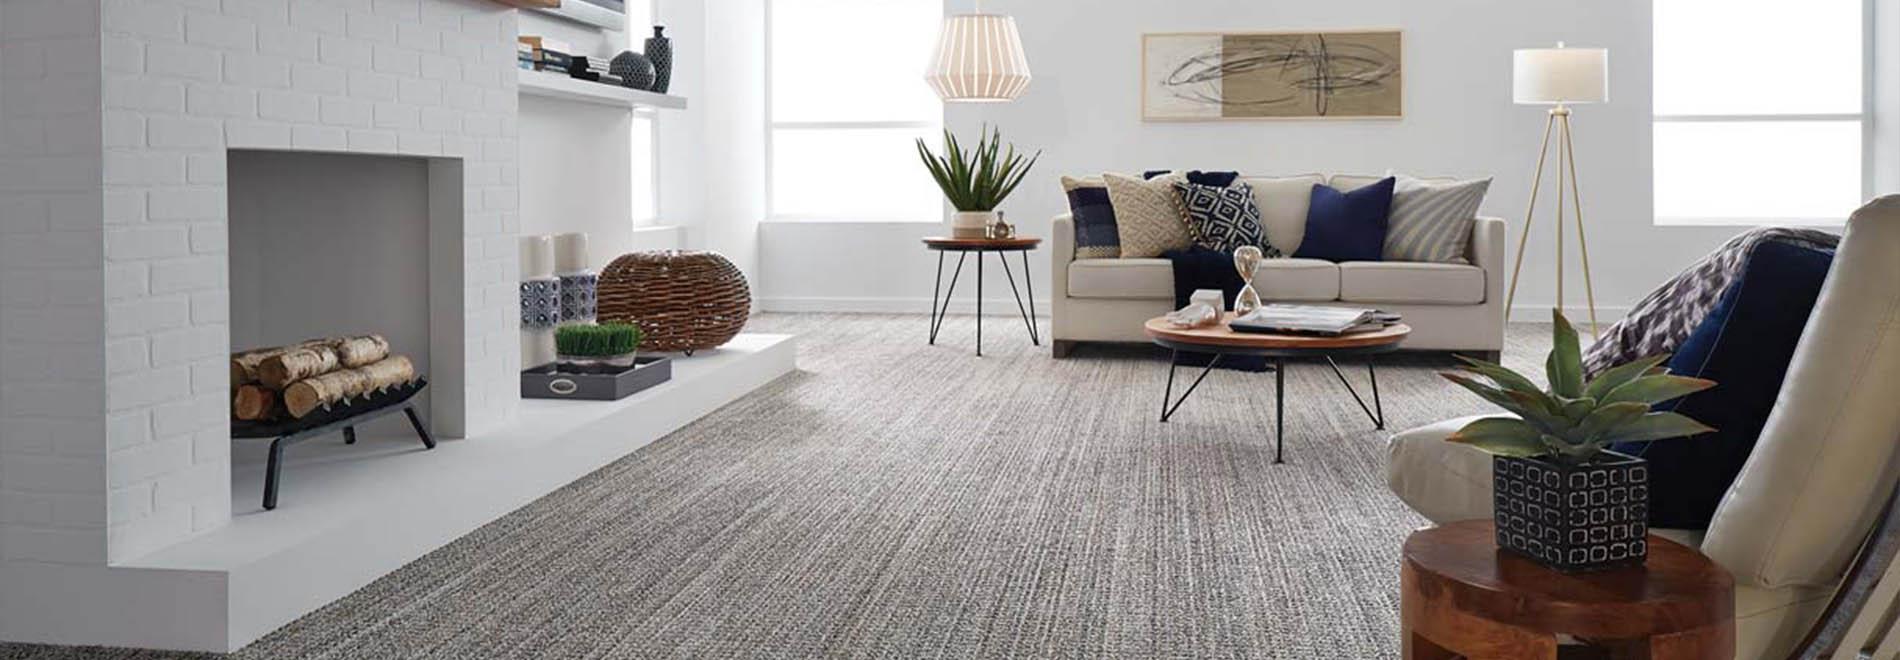 Wood Brothers Carpet Flooring Store Hardwood Laminate Floors